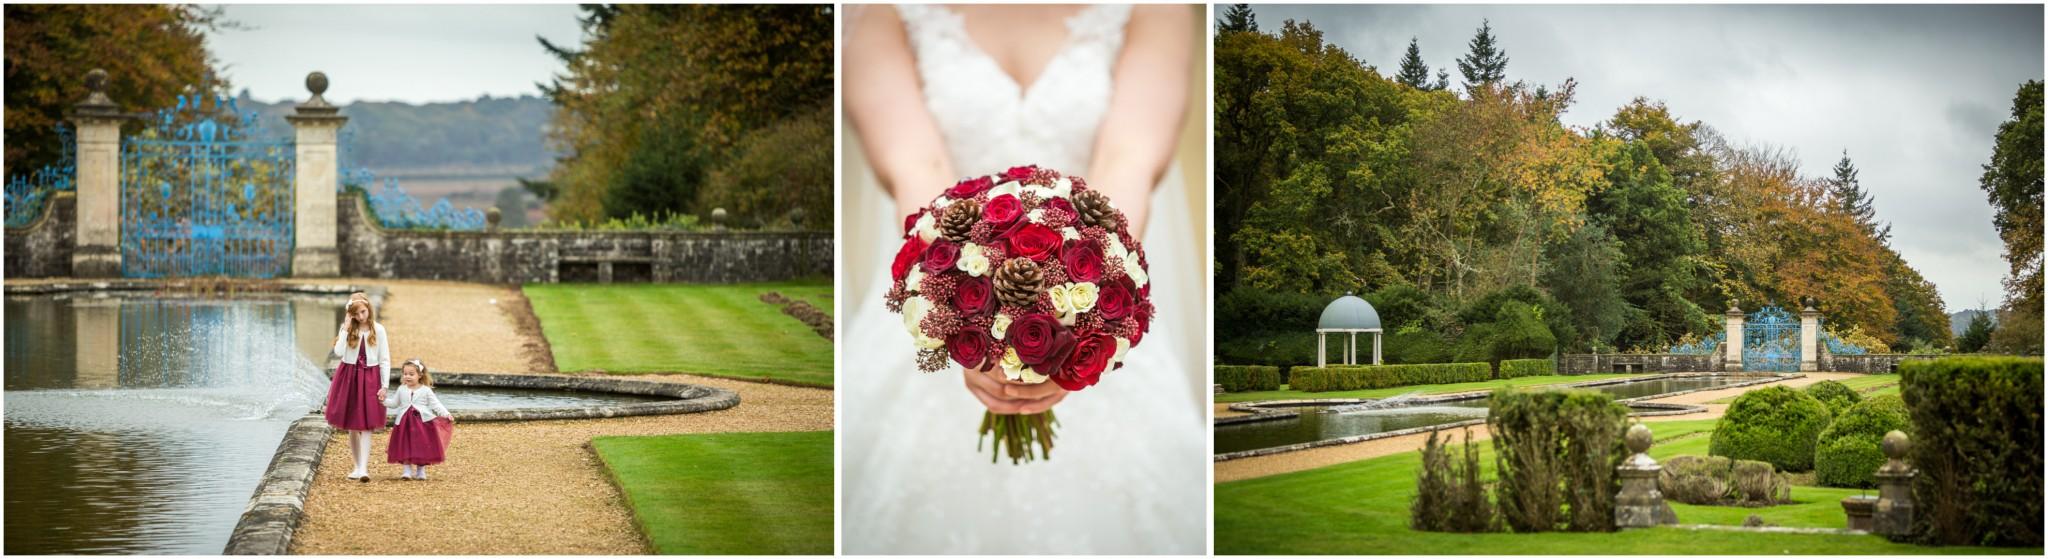 Rhinefield House Wedding Bridal bouquet